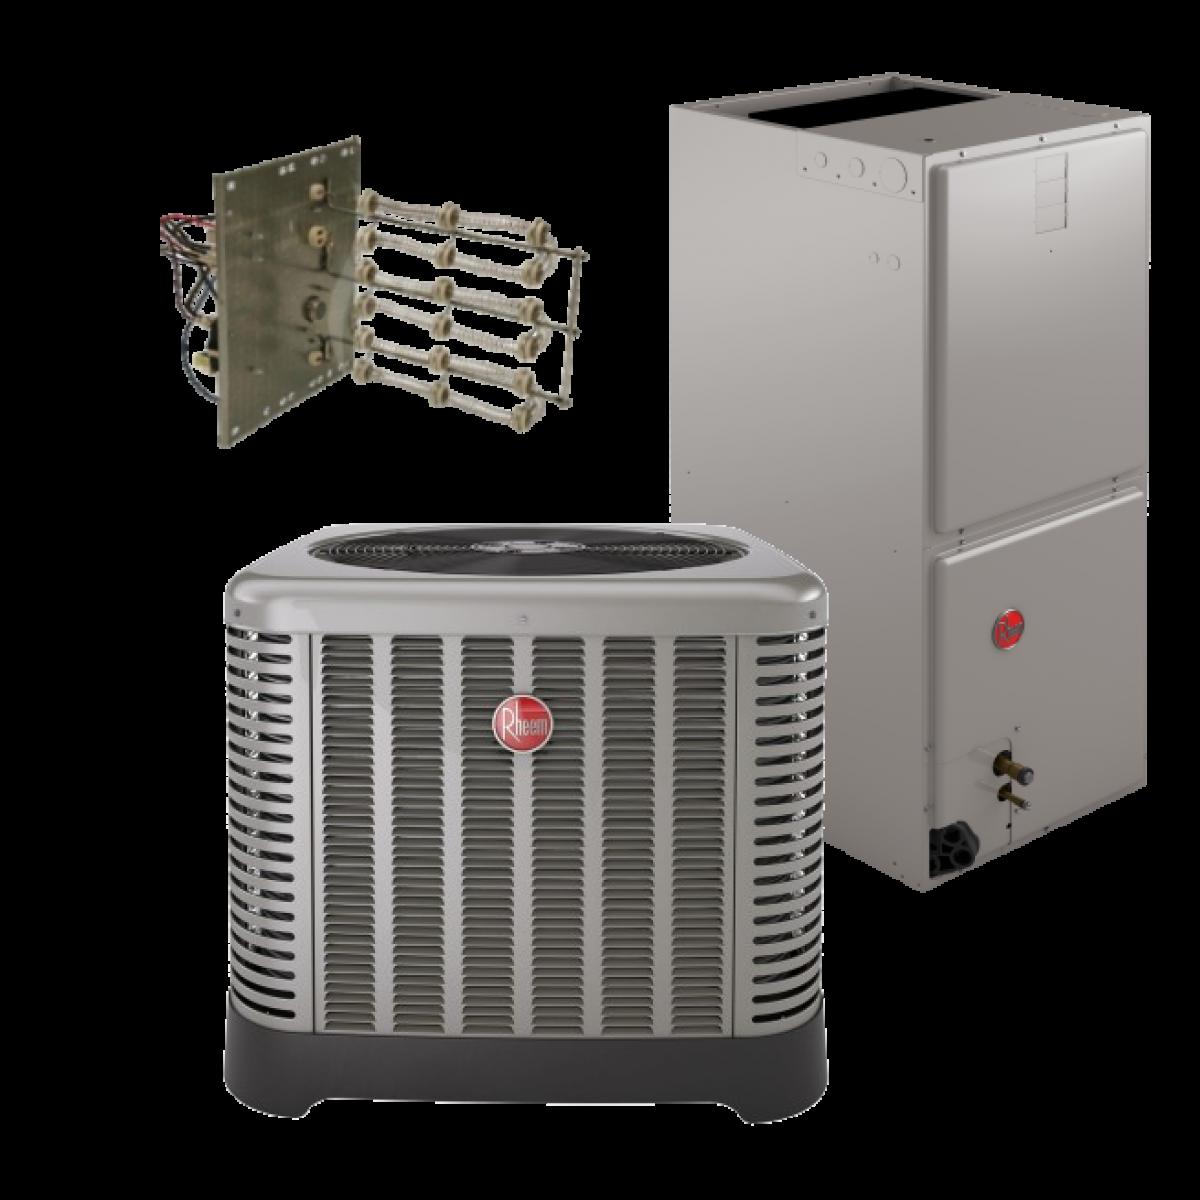 Rheem 15 Seer 3 Ton Heat Pump System 2 5 Ton 3 0 Ton